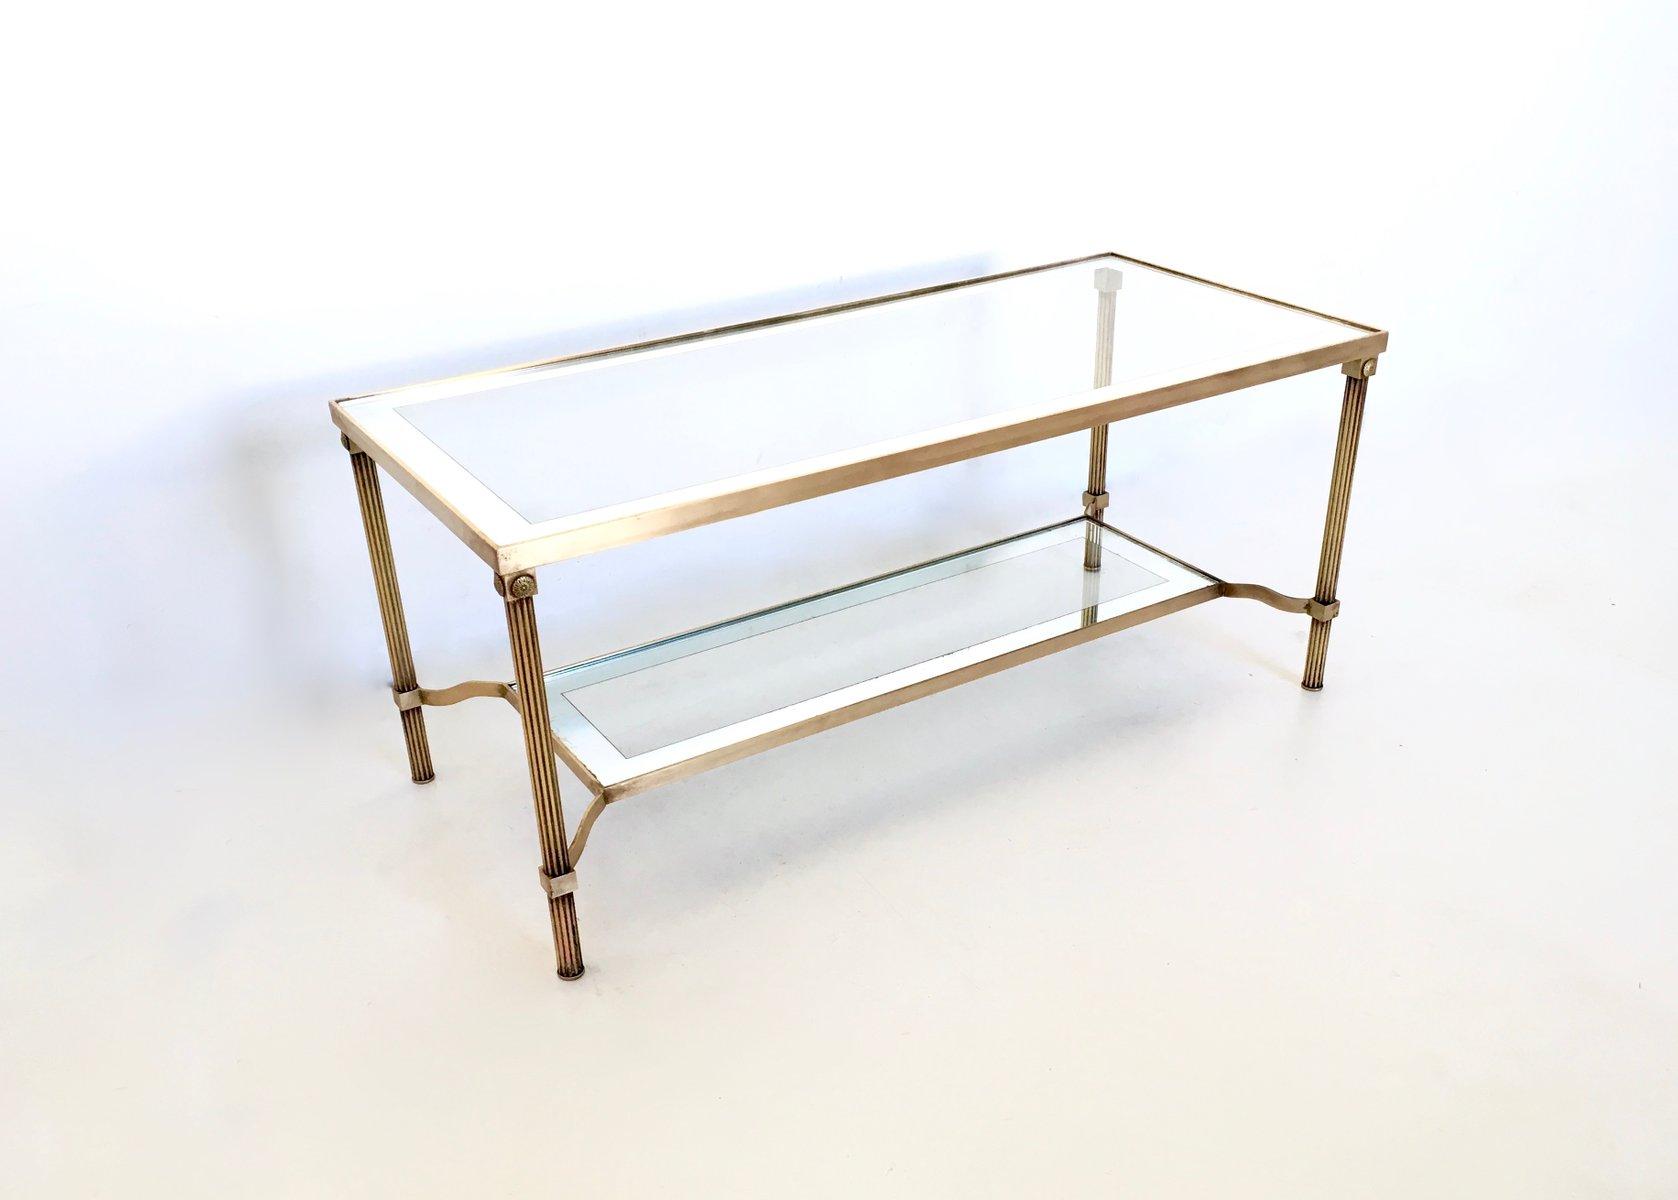 Couchtisch Glas Und Messing Glas Messing Rund Moderne Rund Glas